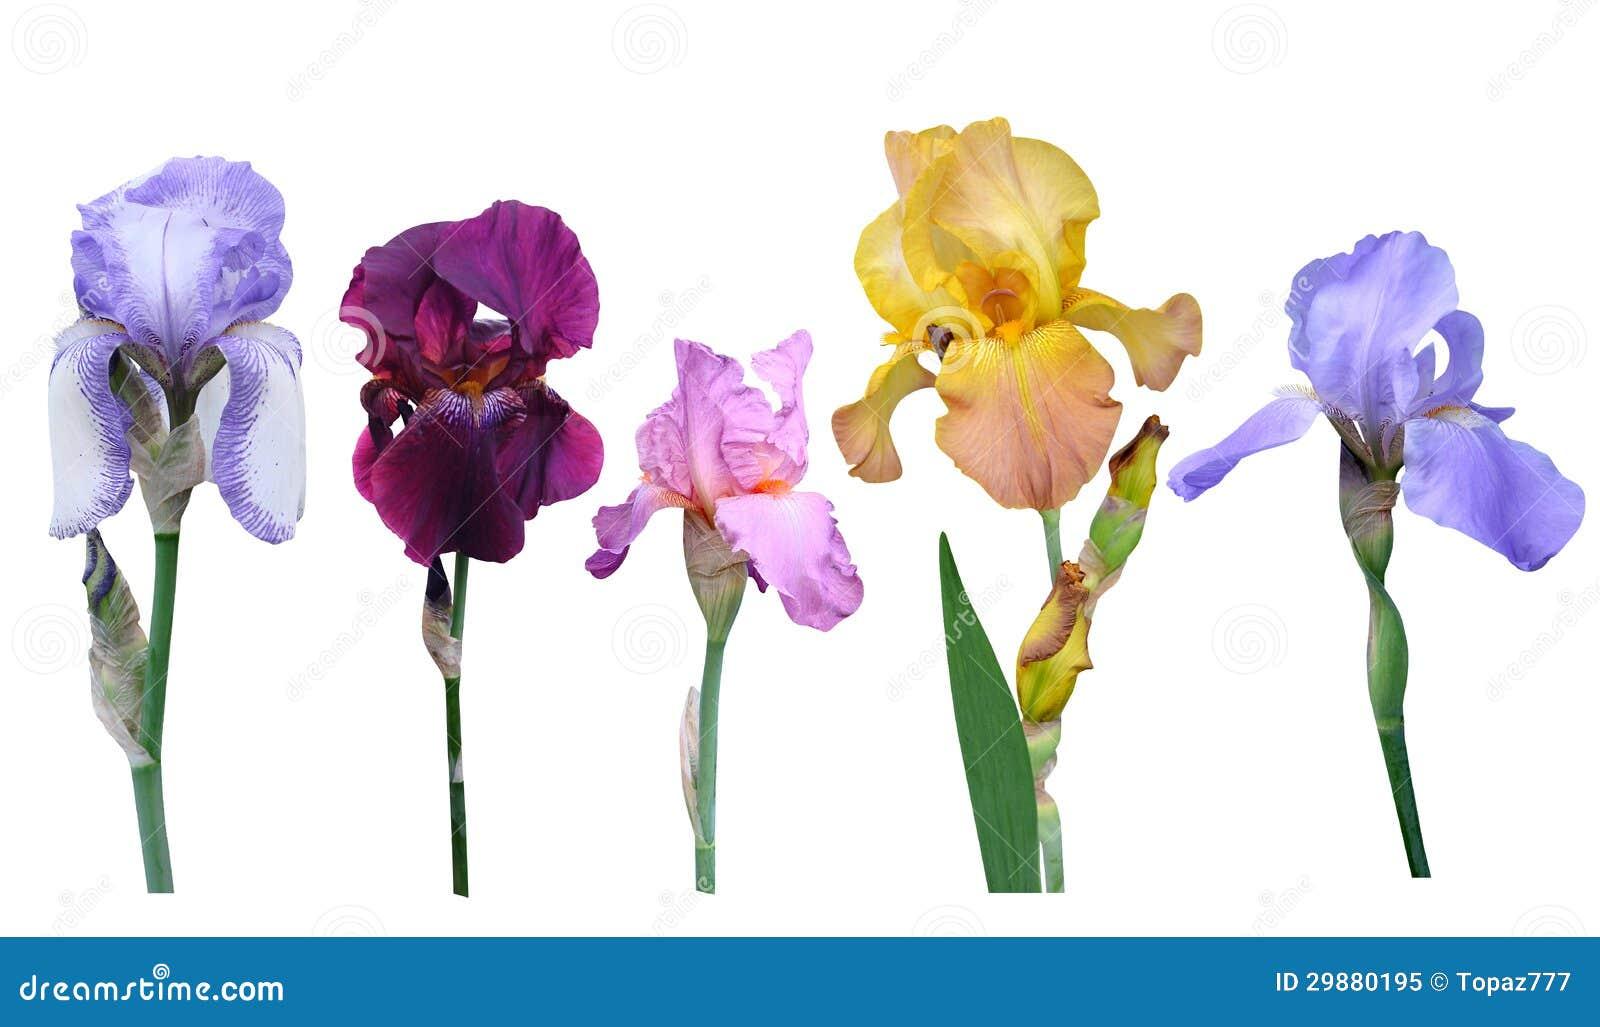 Irisblumen